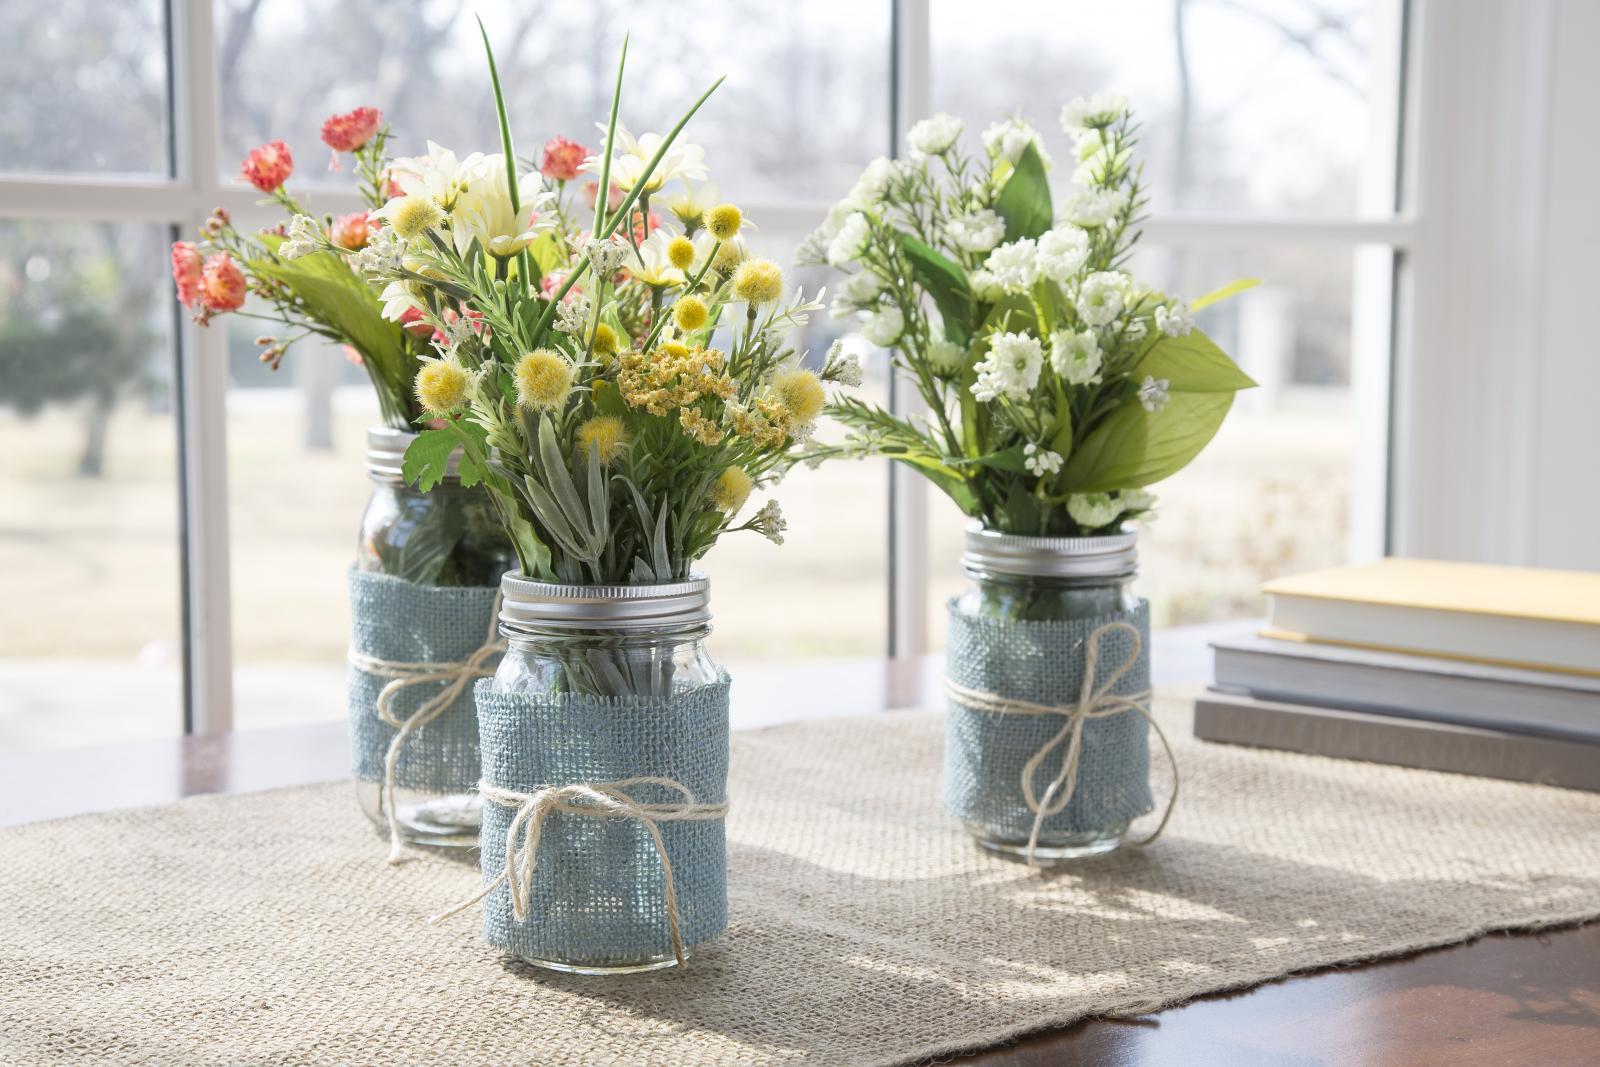 Ou Acheter De La Mousse Pour Piquer Des Fleurs créer une décoration naturelle : trucs et astuces 100 % écolo.